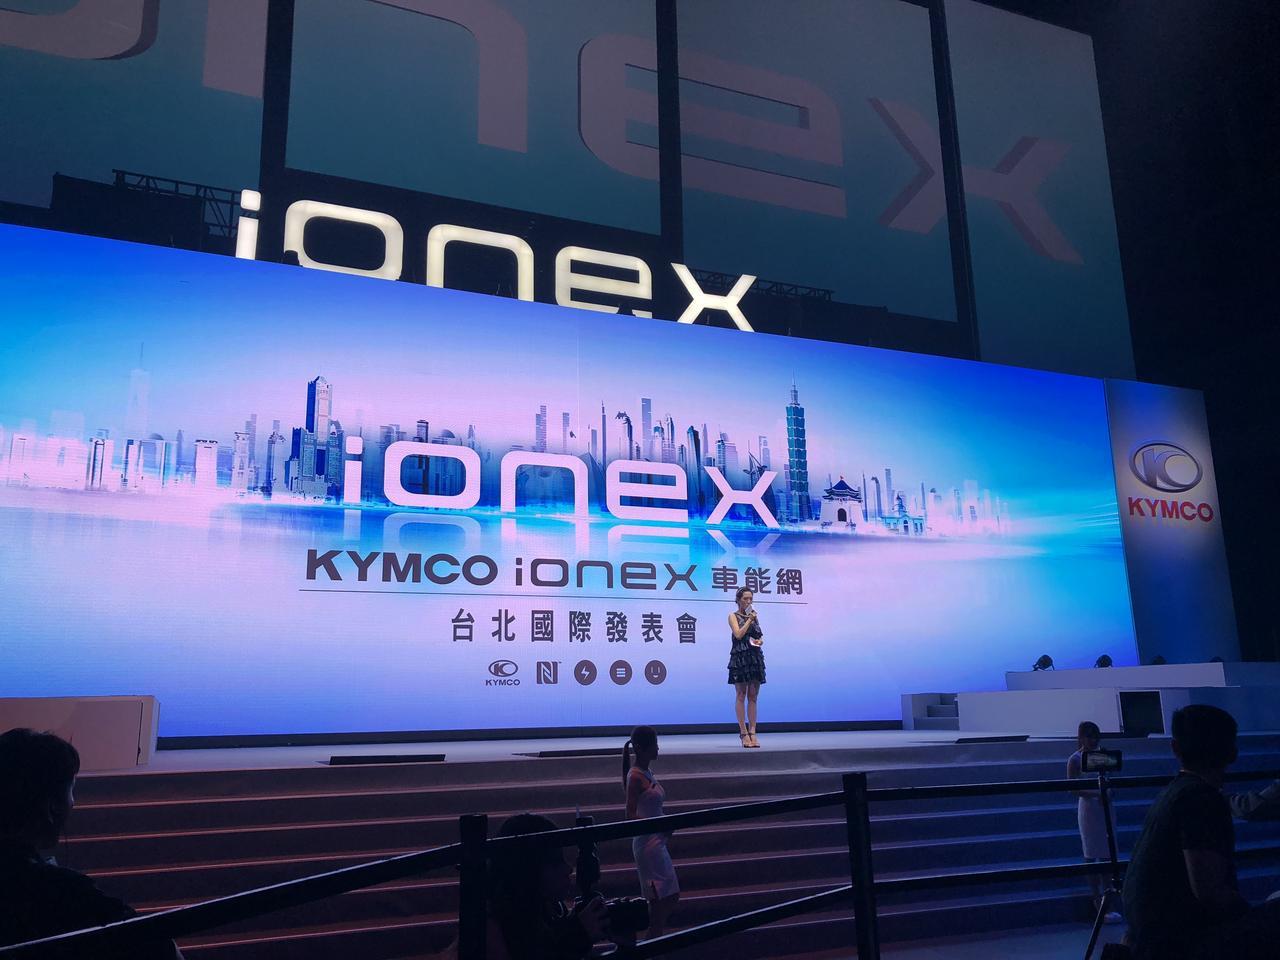 画像: 独自のEVプラットフォームである『ionex』を搭載した 電動スクーター2機種を発表! KYMCO New Many 110 EV/Nice 100 EV - webオートバイ